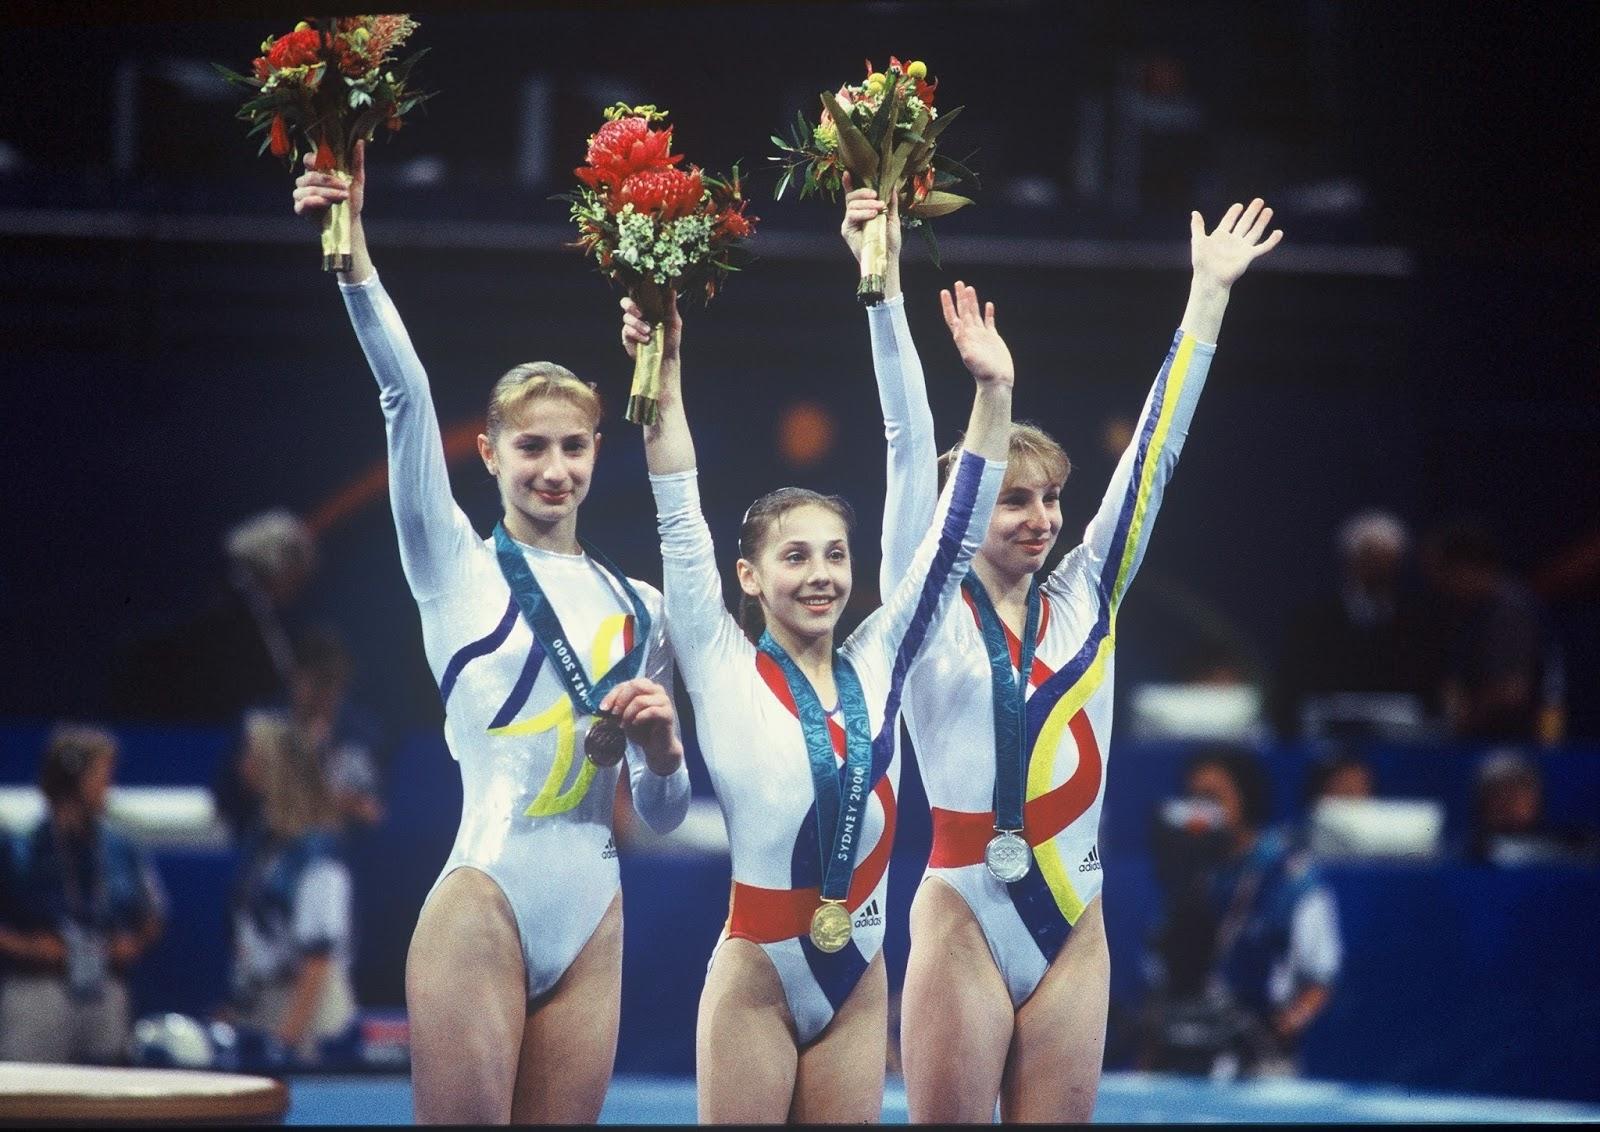 romanian_gymnast.jpg (3.55 Kb)